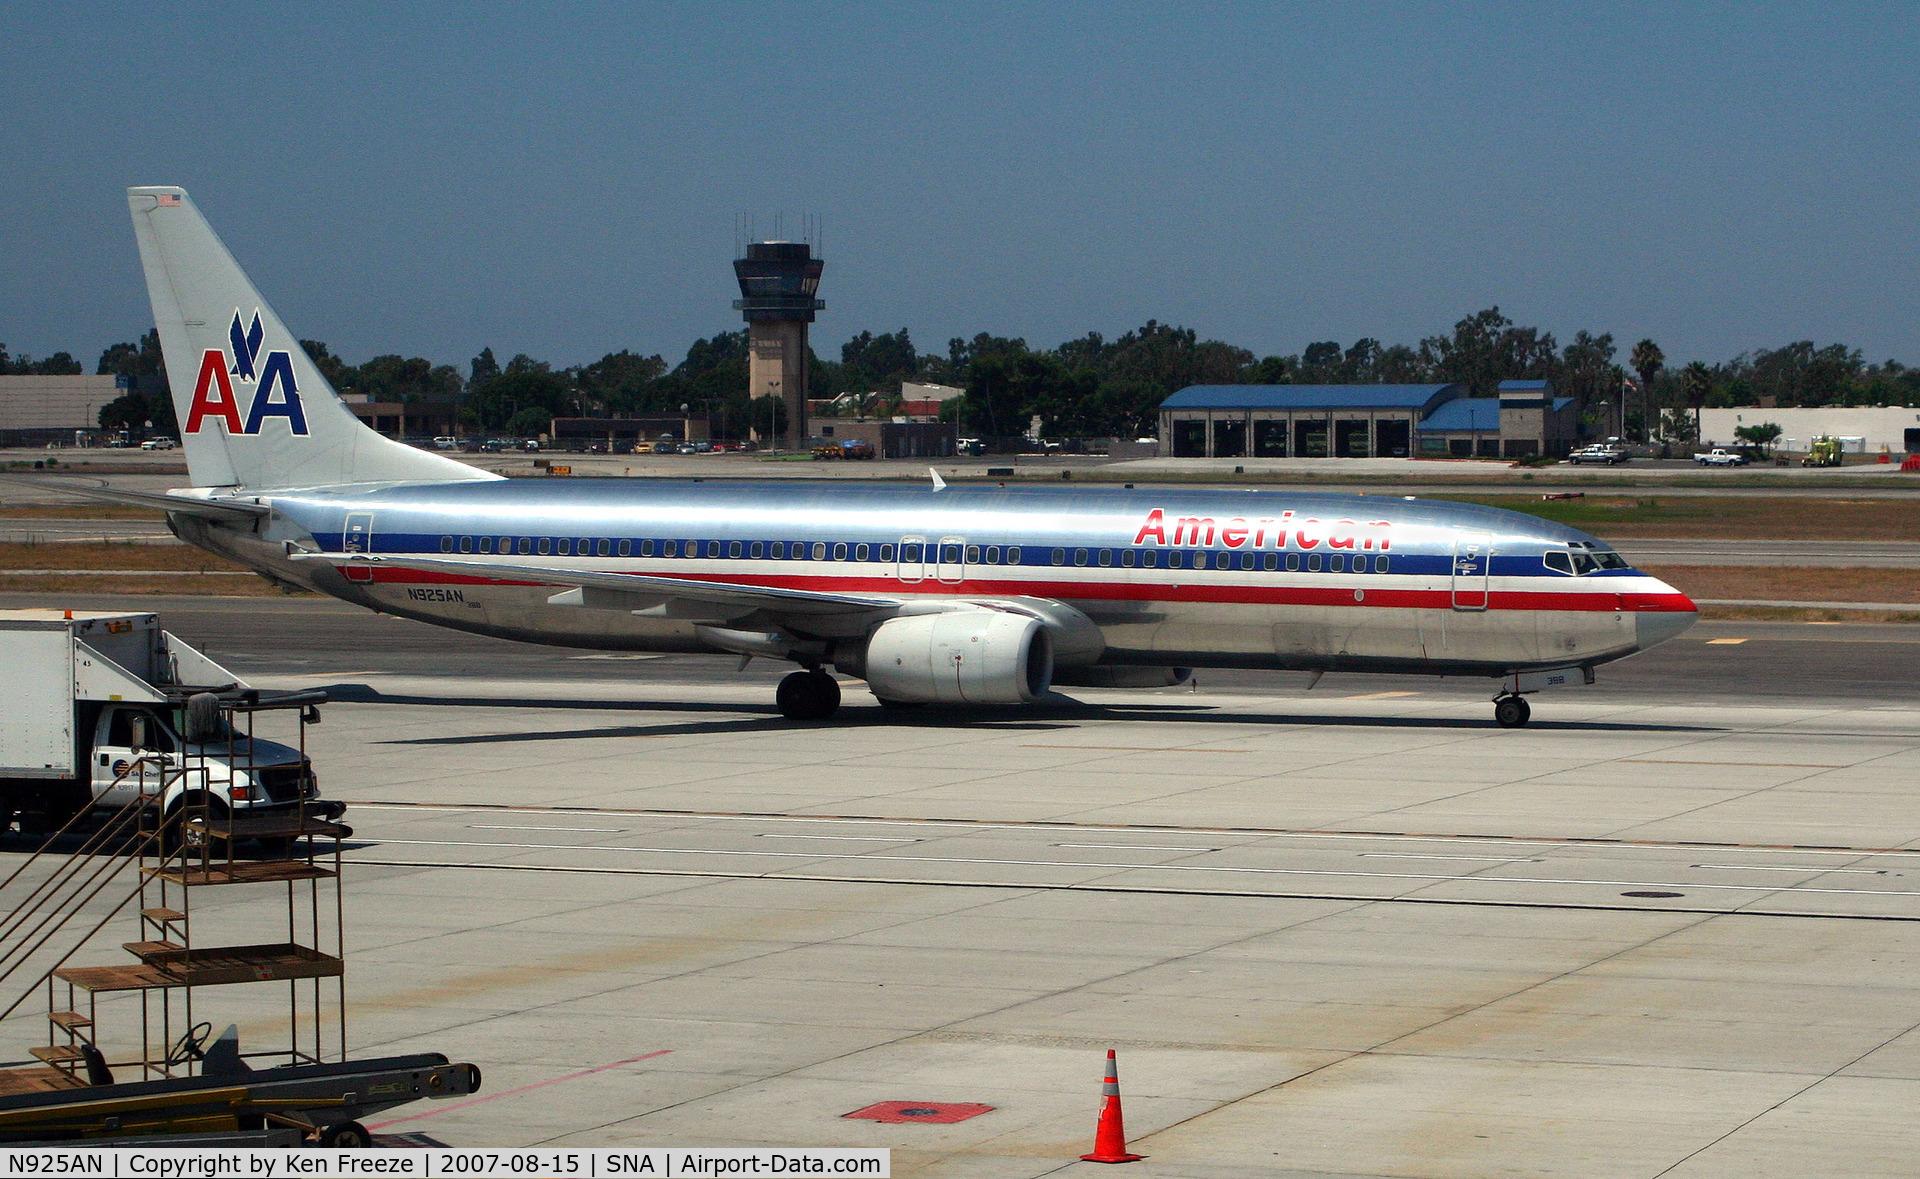 N925AN, 1999 Boeing 737-823 C/N 29526, American 737 taxis at John Wayne Airport